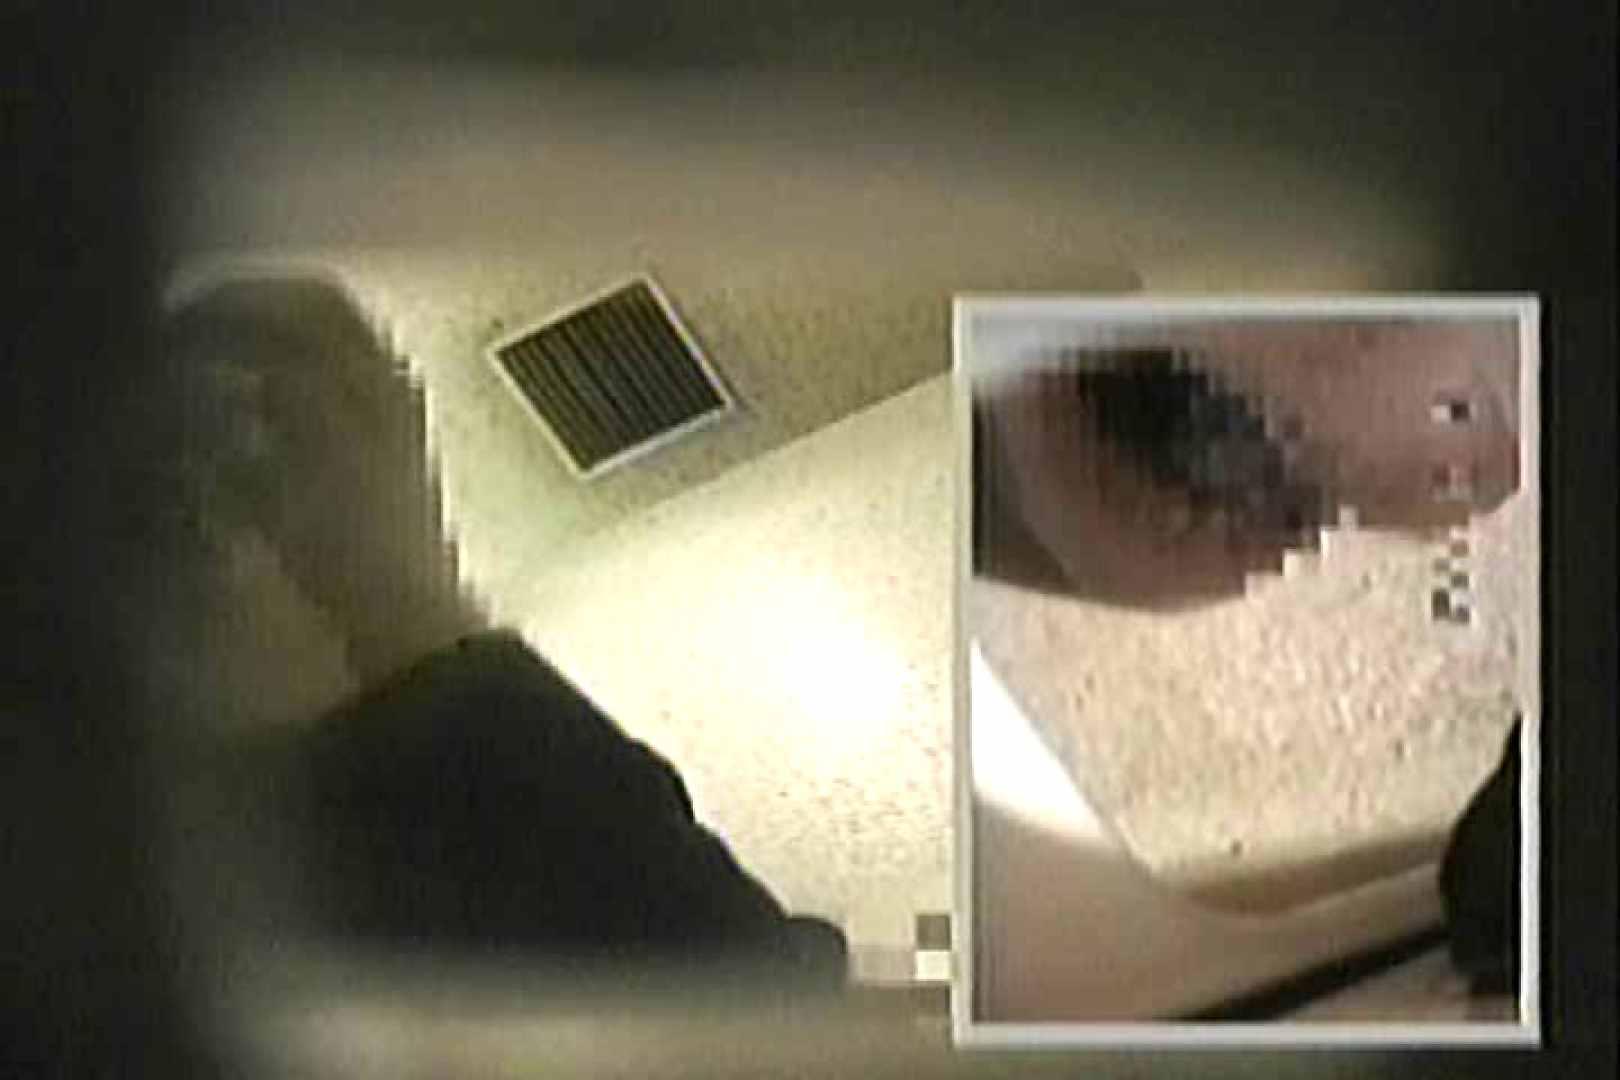 女子洗面所盗撮 今度の2カメは若い子だらけ  TK-127 マルチアングル | おまんこ  91画像 46